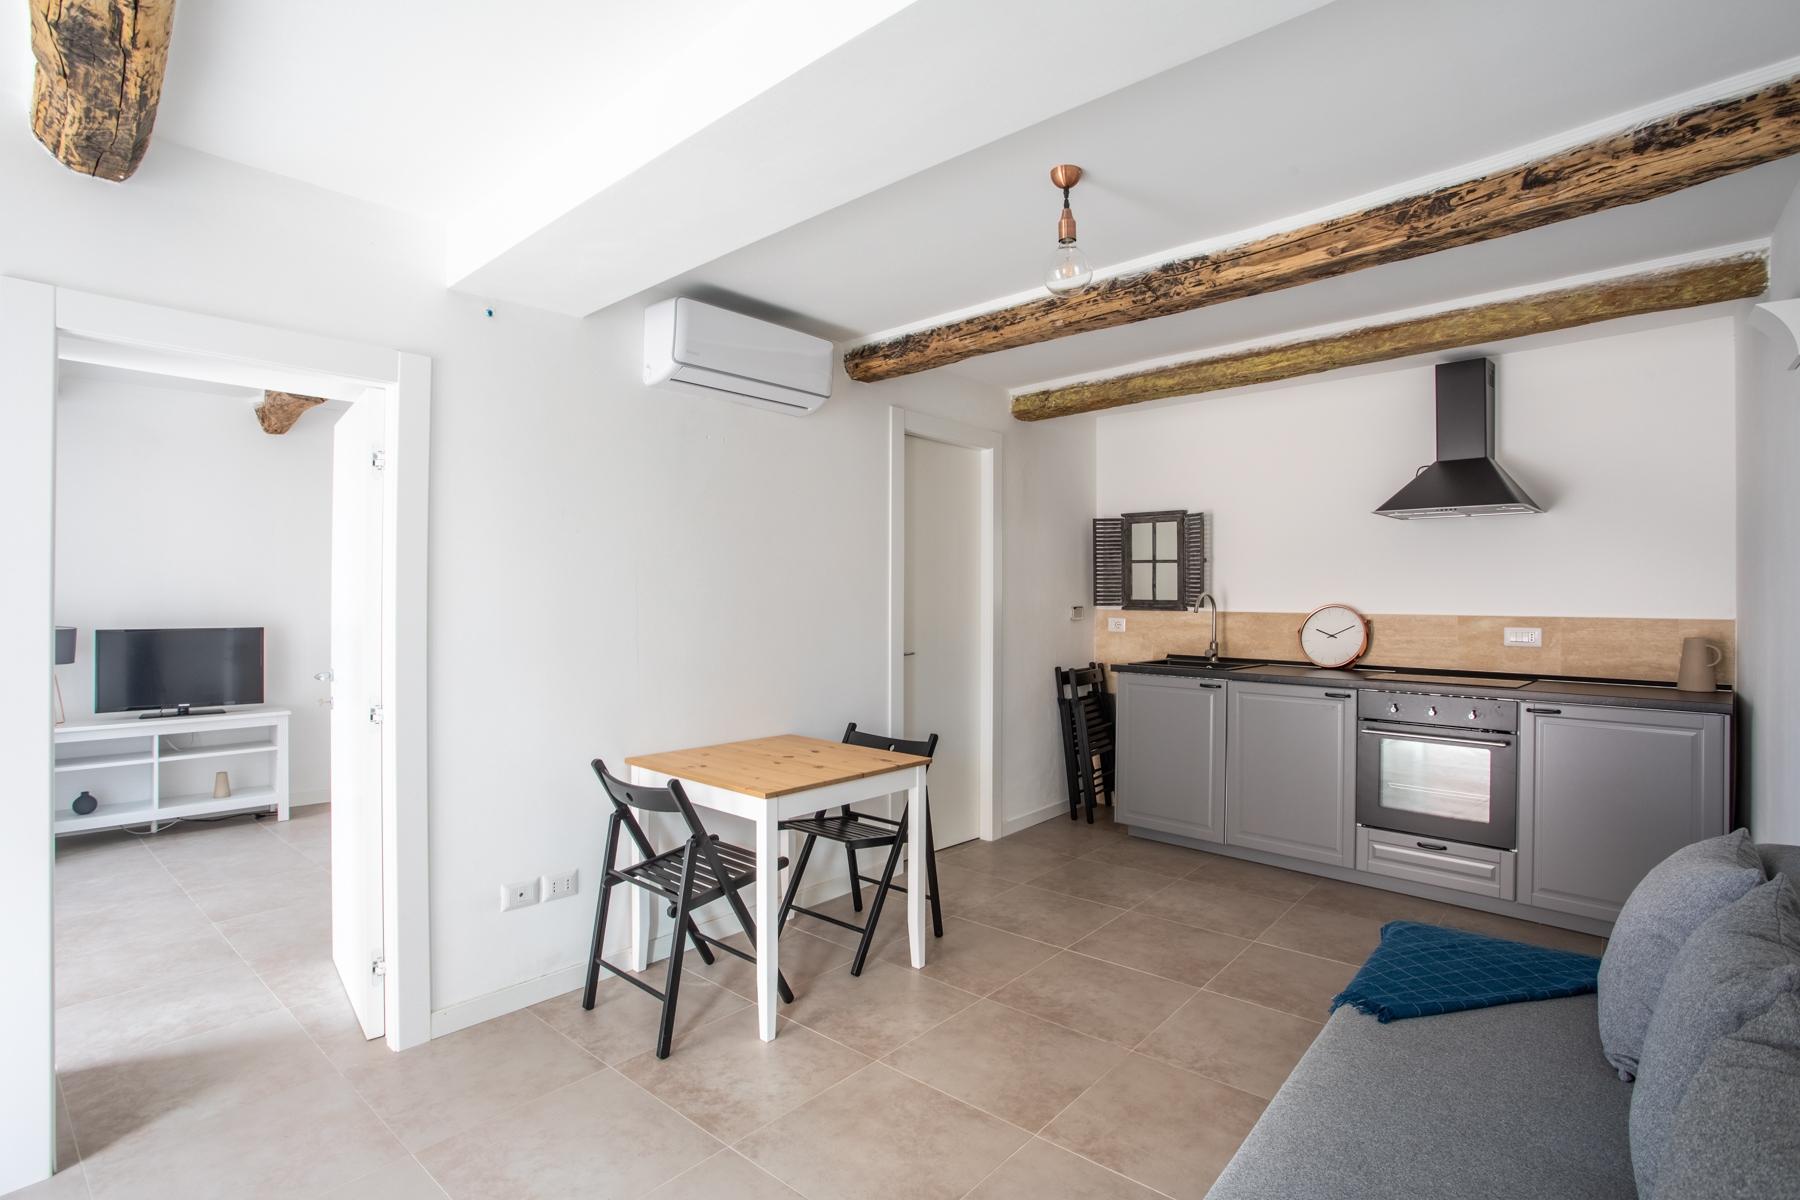 Casa indipendente in Vendita a Trevignano Romano: 5 locali, 163 mq - Foto 15